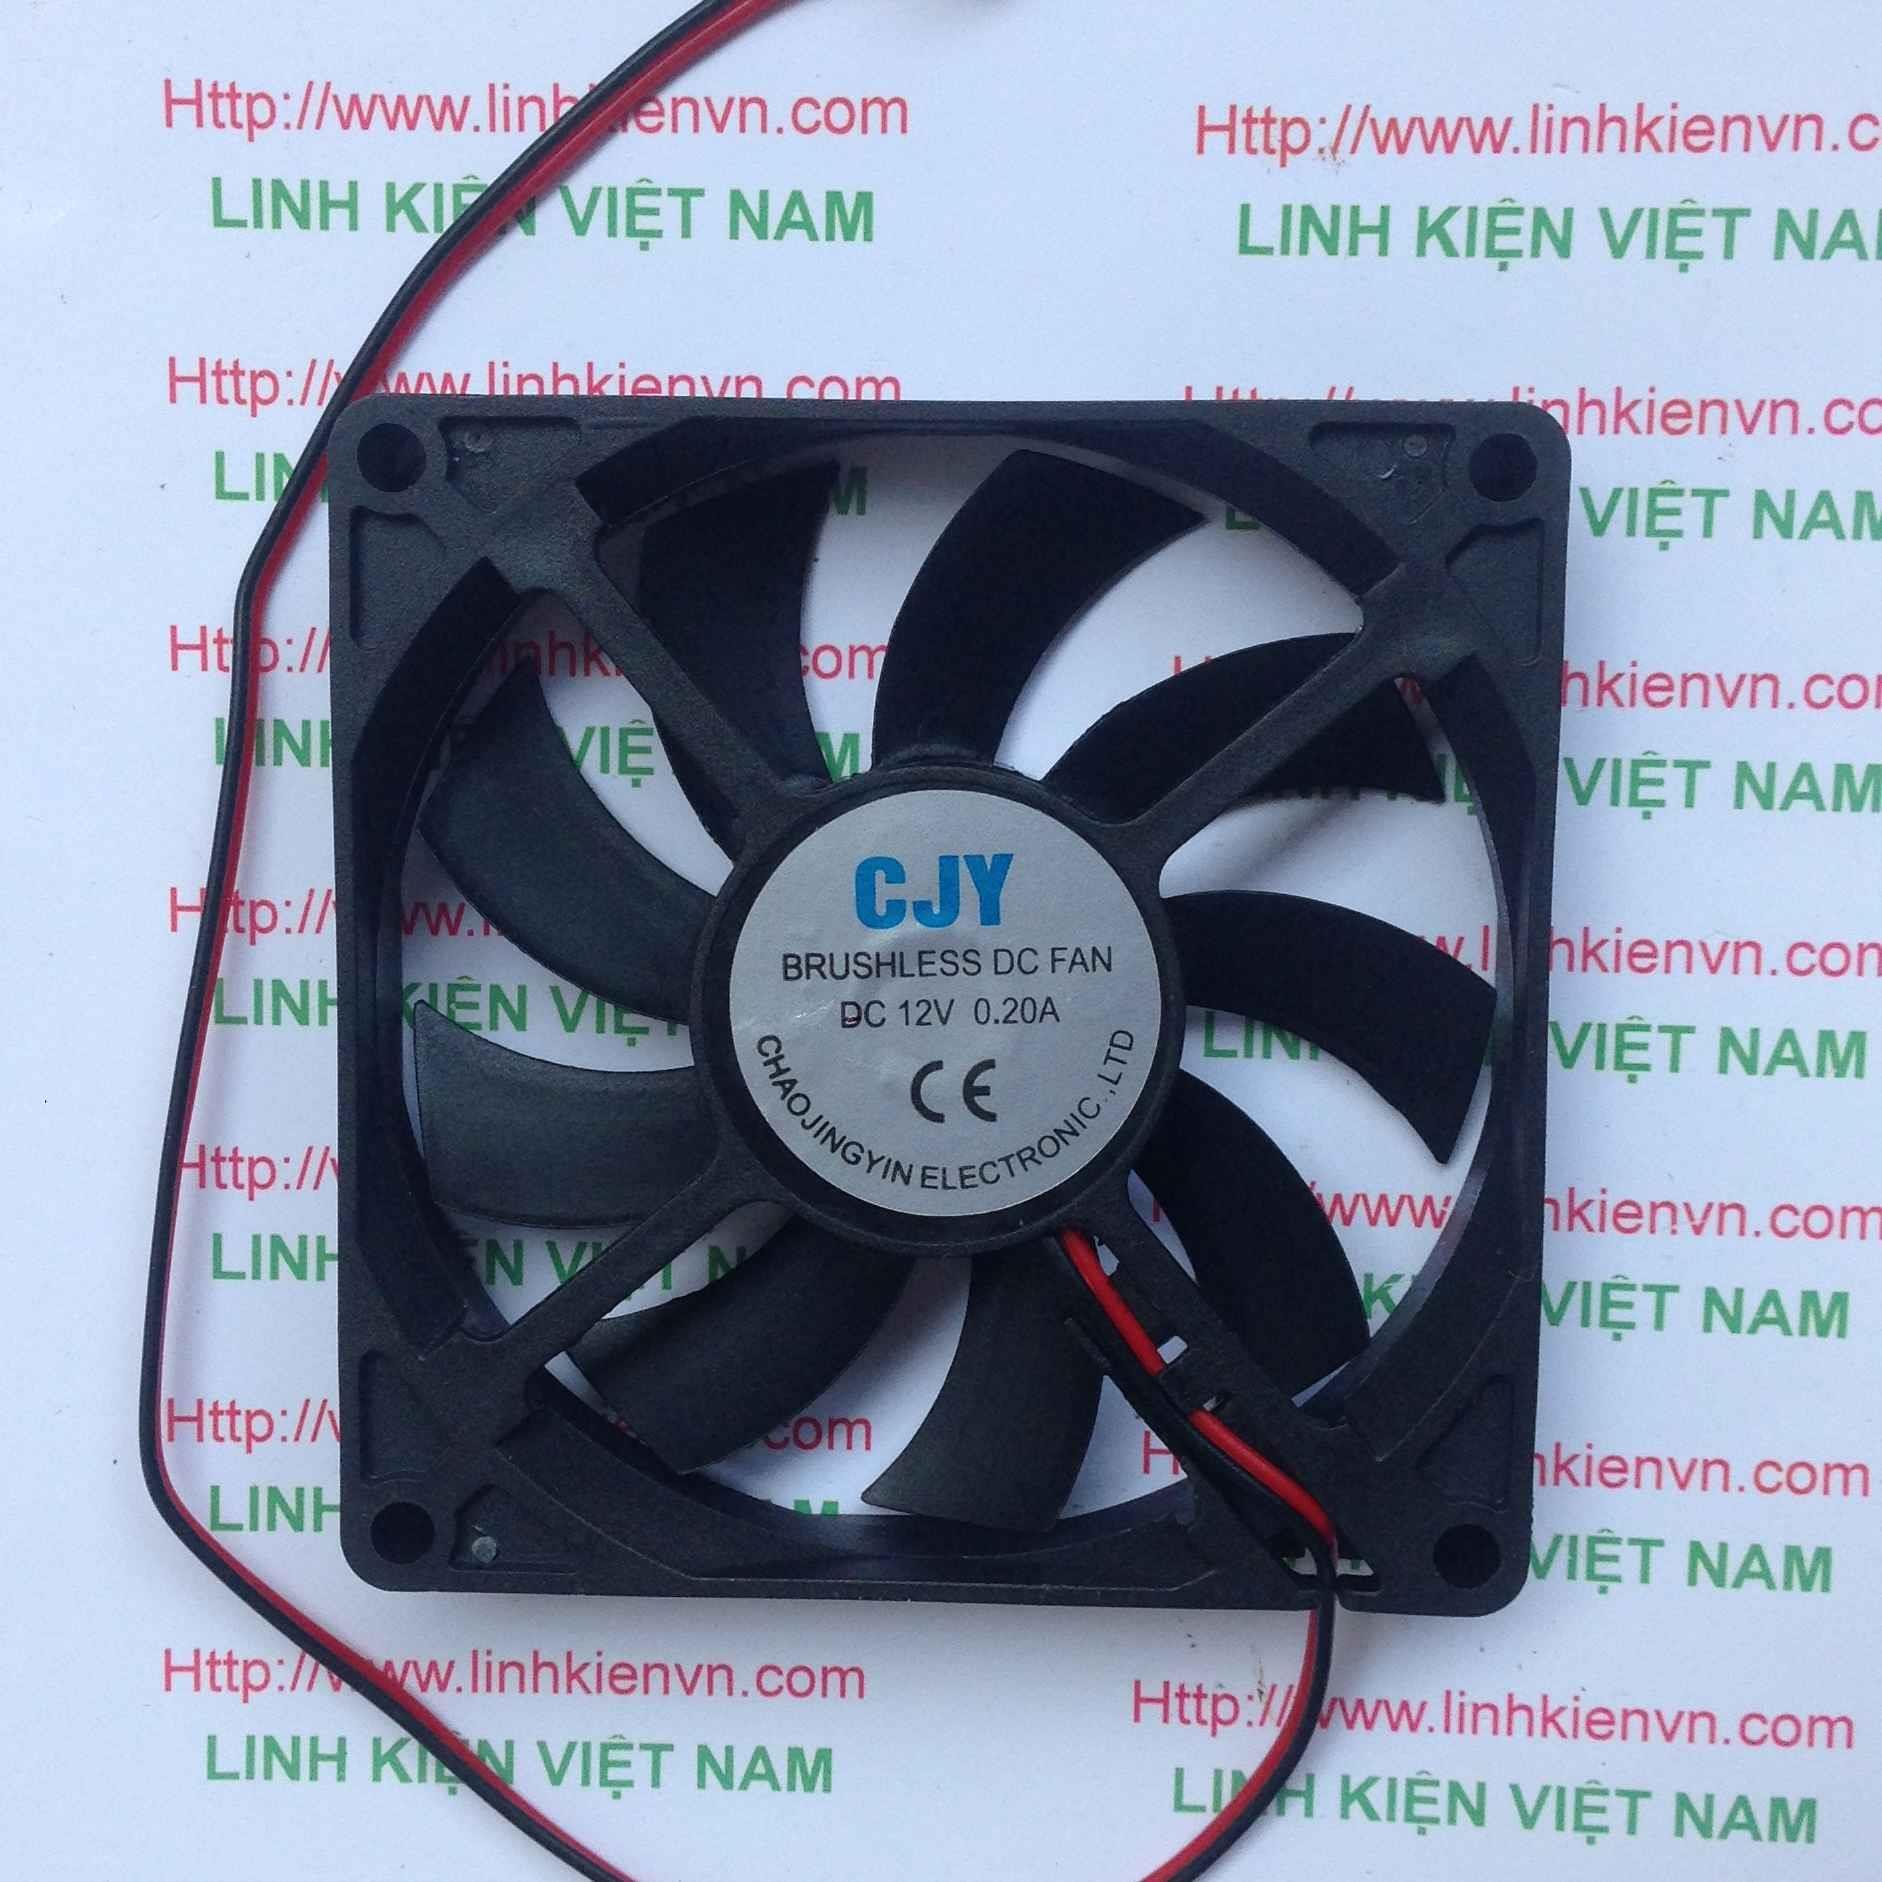 Quạt tản nhiệt 12V 6x6x1Cm / Quạt Fan 12V 6x6 Cm - G7H18